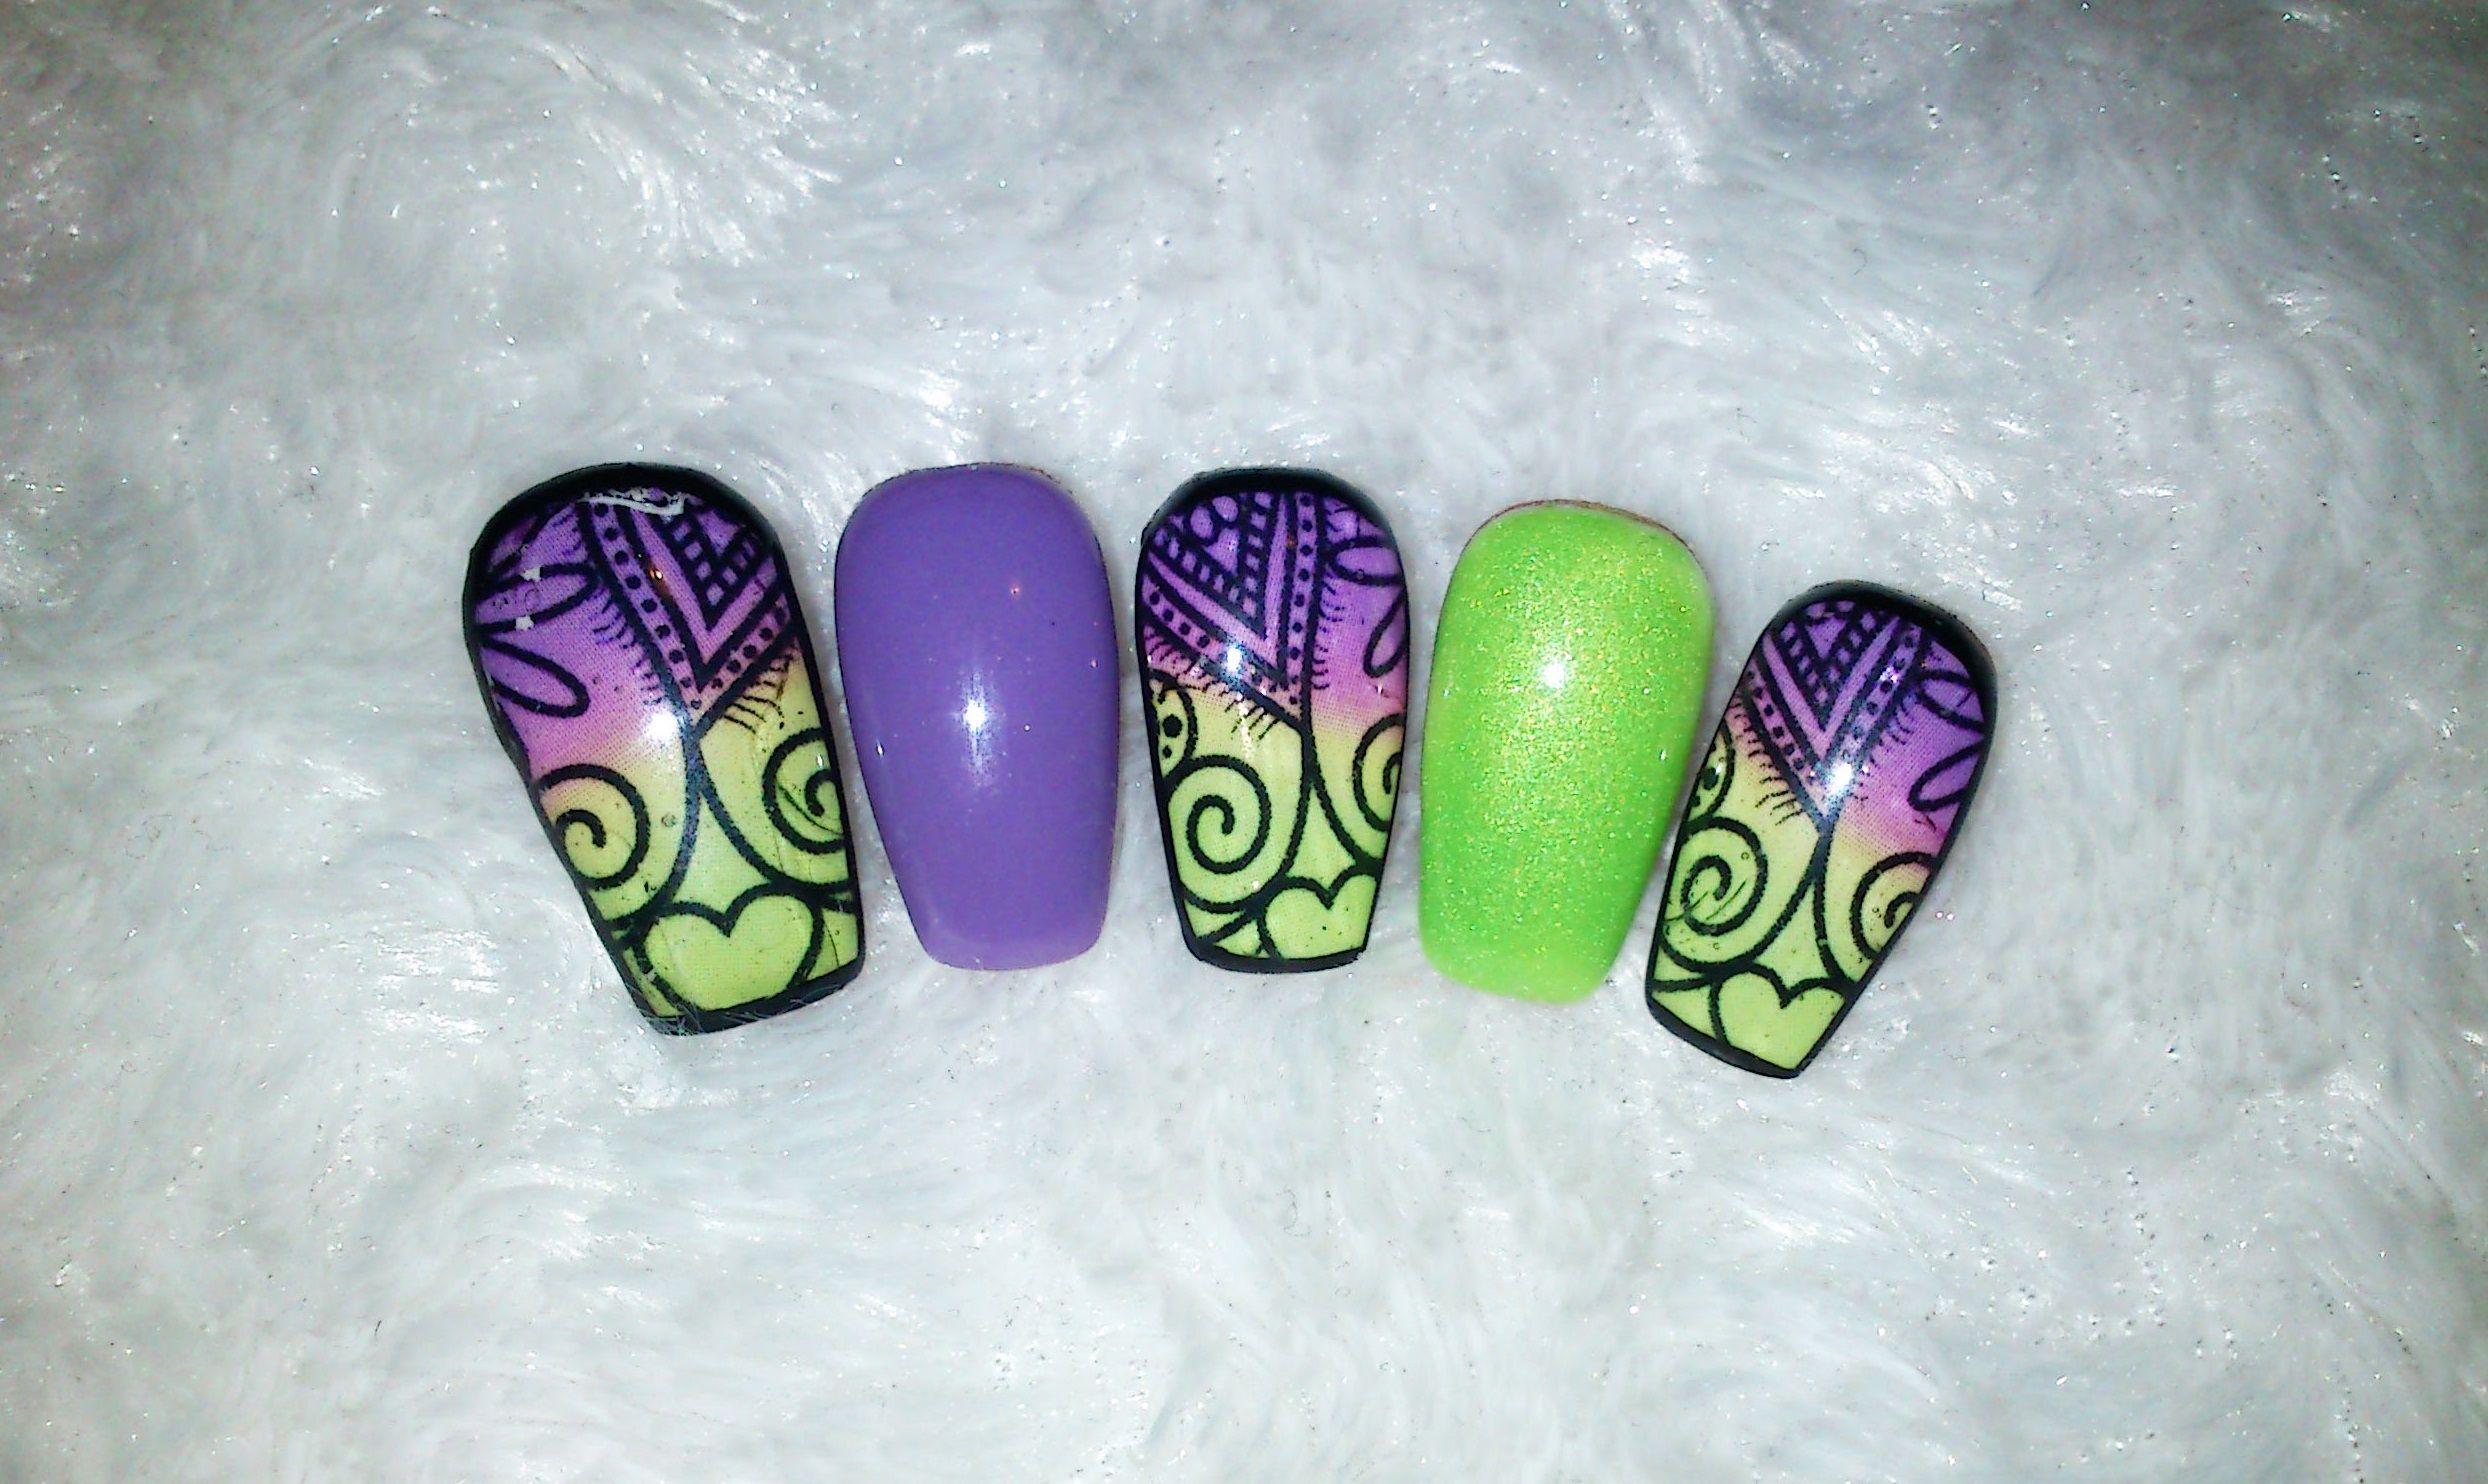 Uñas De Gel - Morado y Verde Con Pegatinas / Gel Nails - Purple and ...